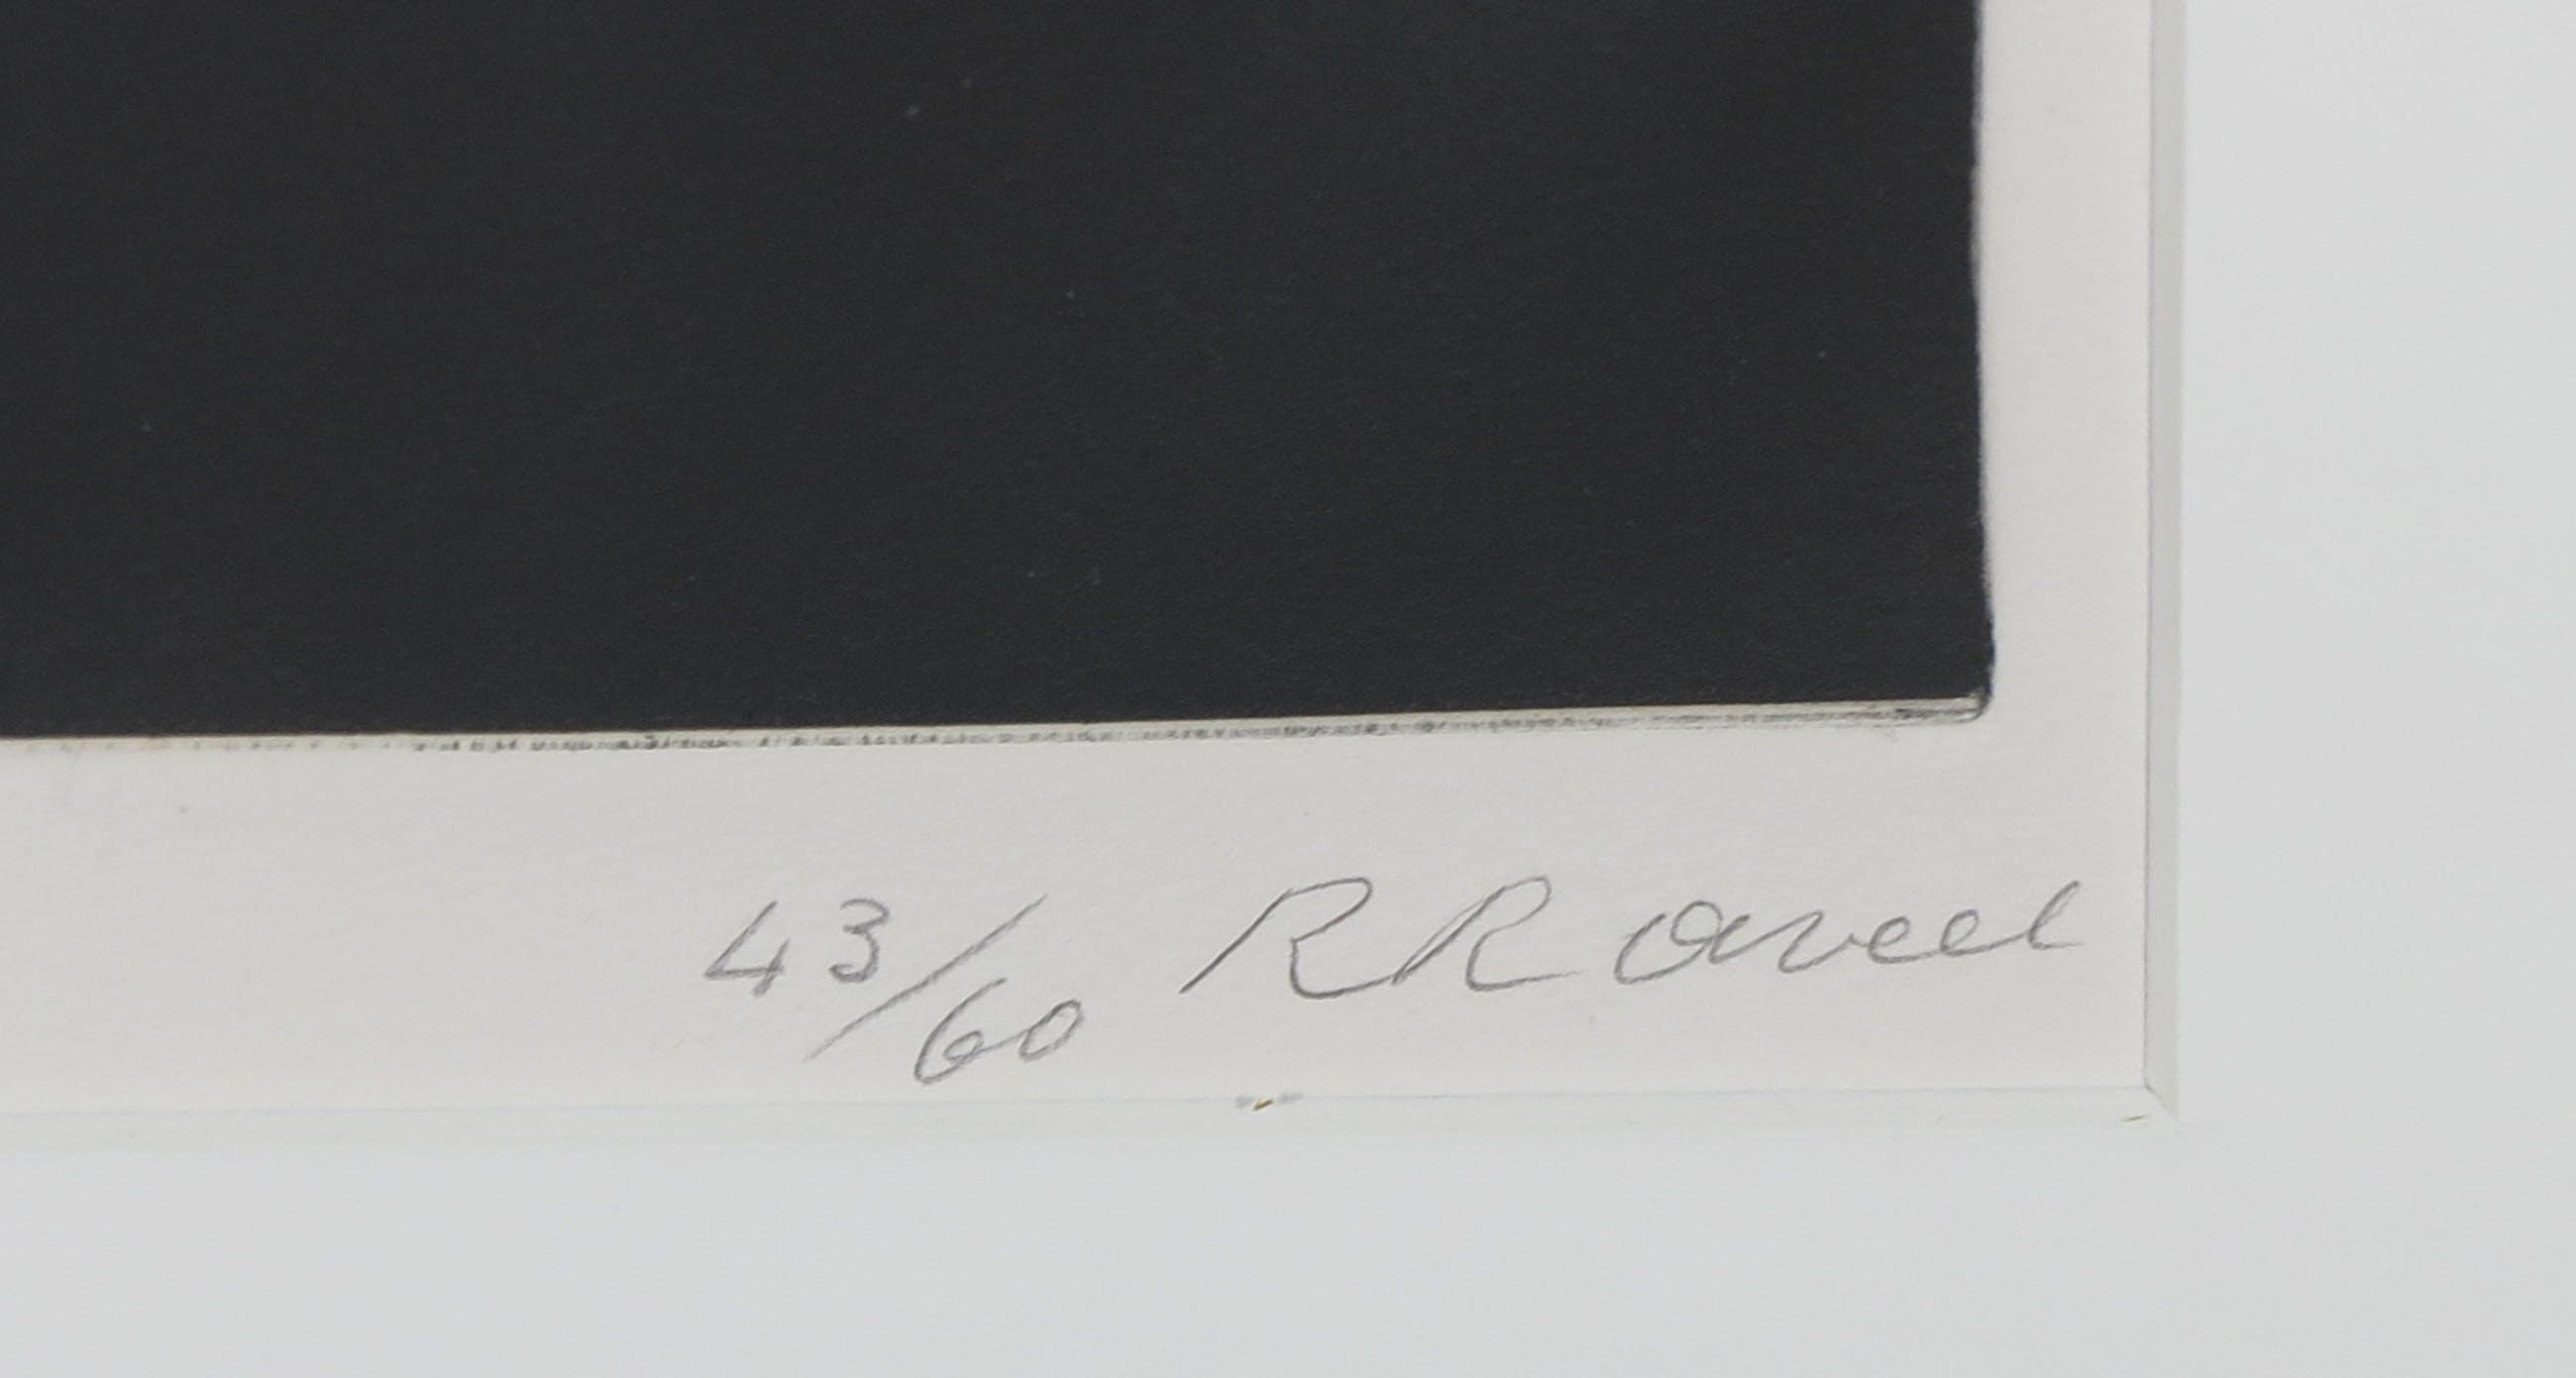 Roger Raveel - Ets uit de map Op bezoek bij Roger Raveel - Ingelijst kopen? Bied vanaf 400!